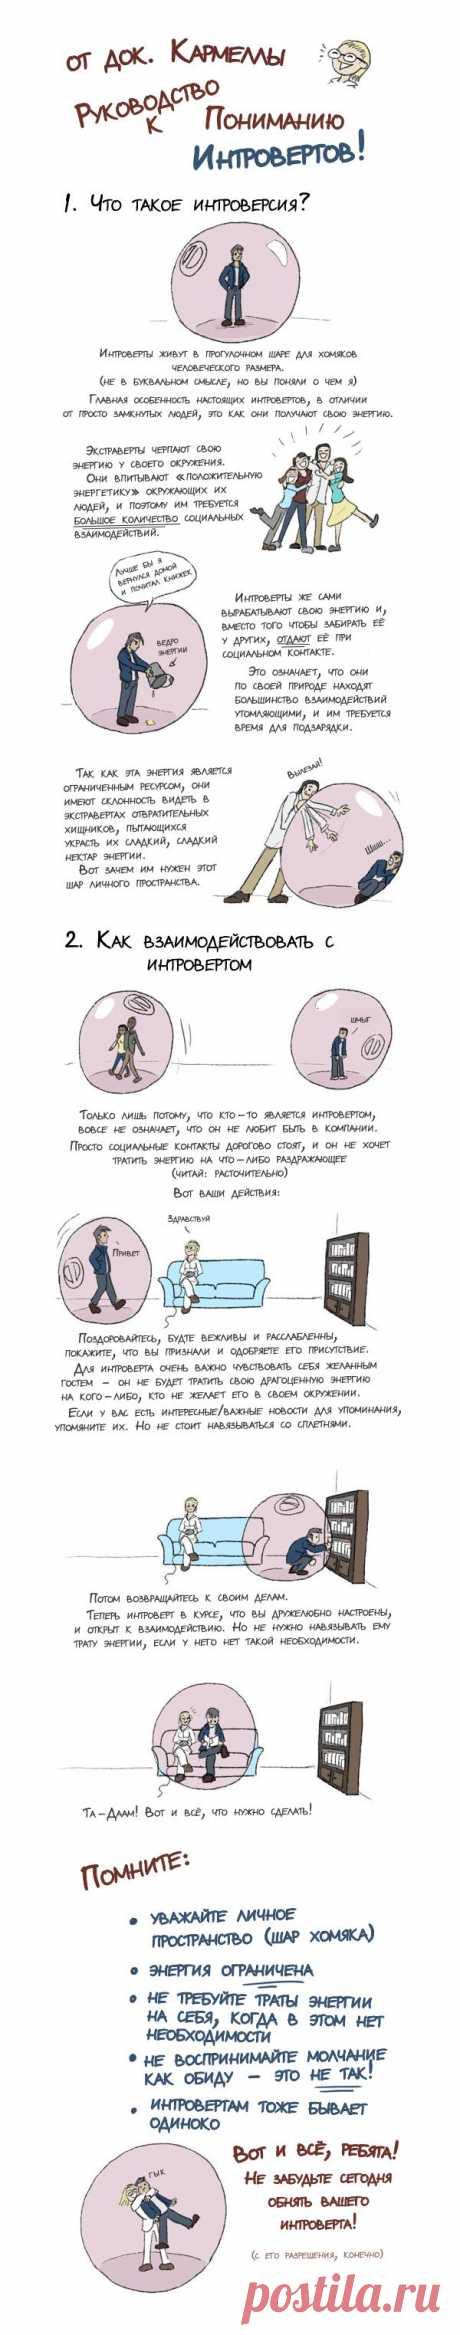 ИНФОГРАФИКА: Руководство к пониманию интровертов | Лайфхакер